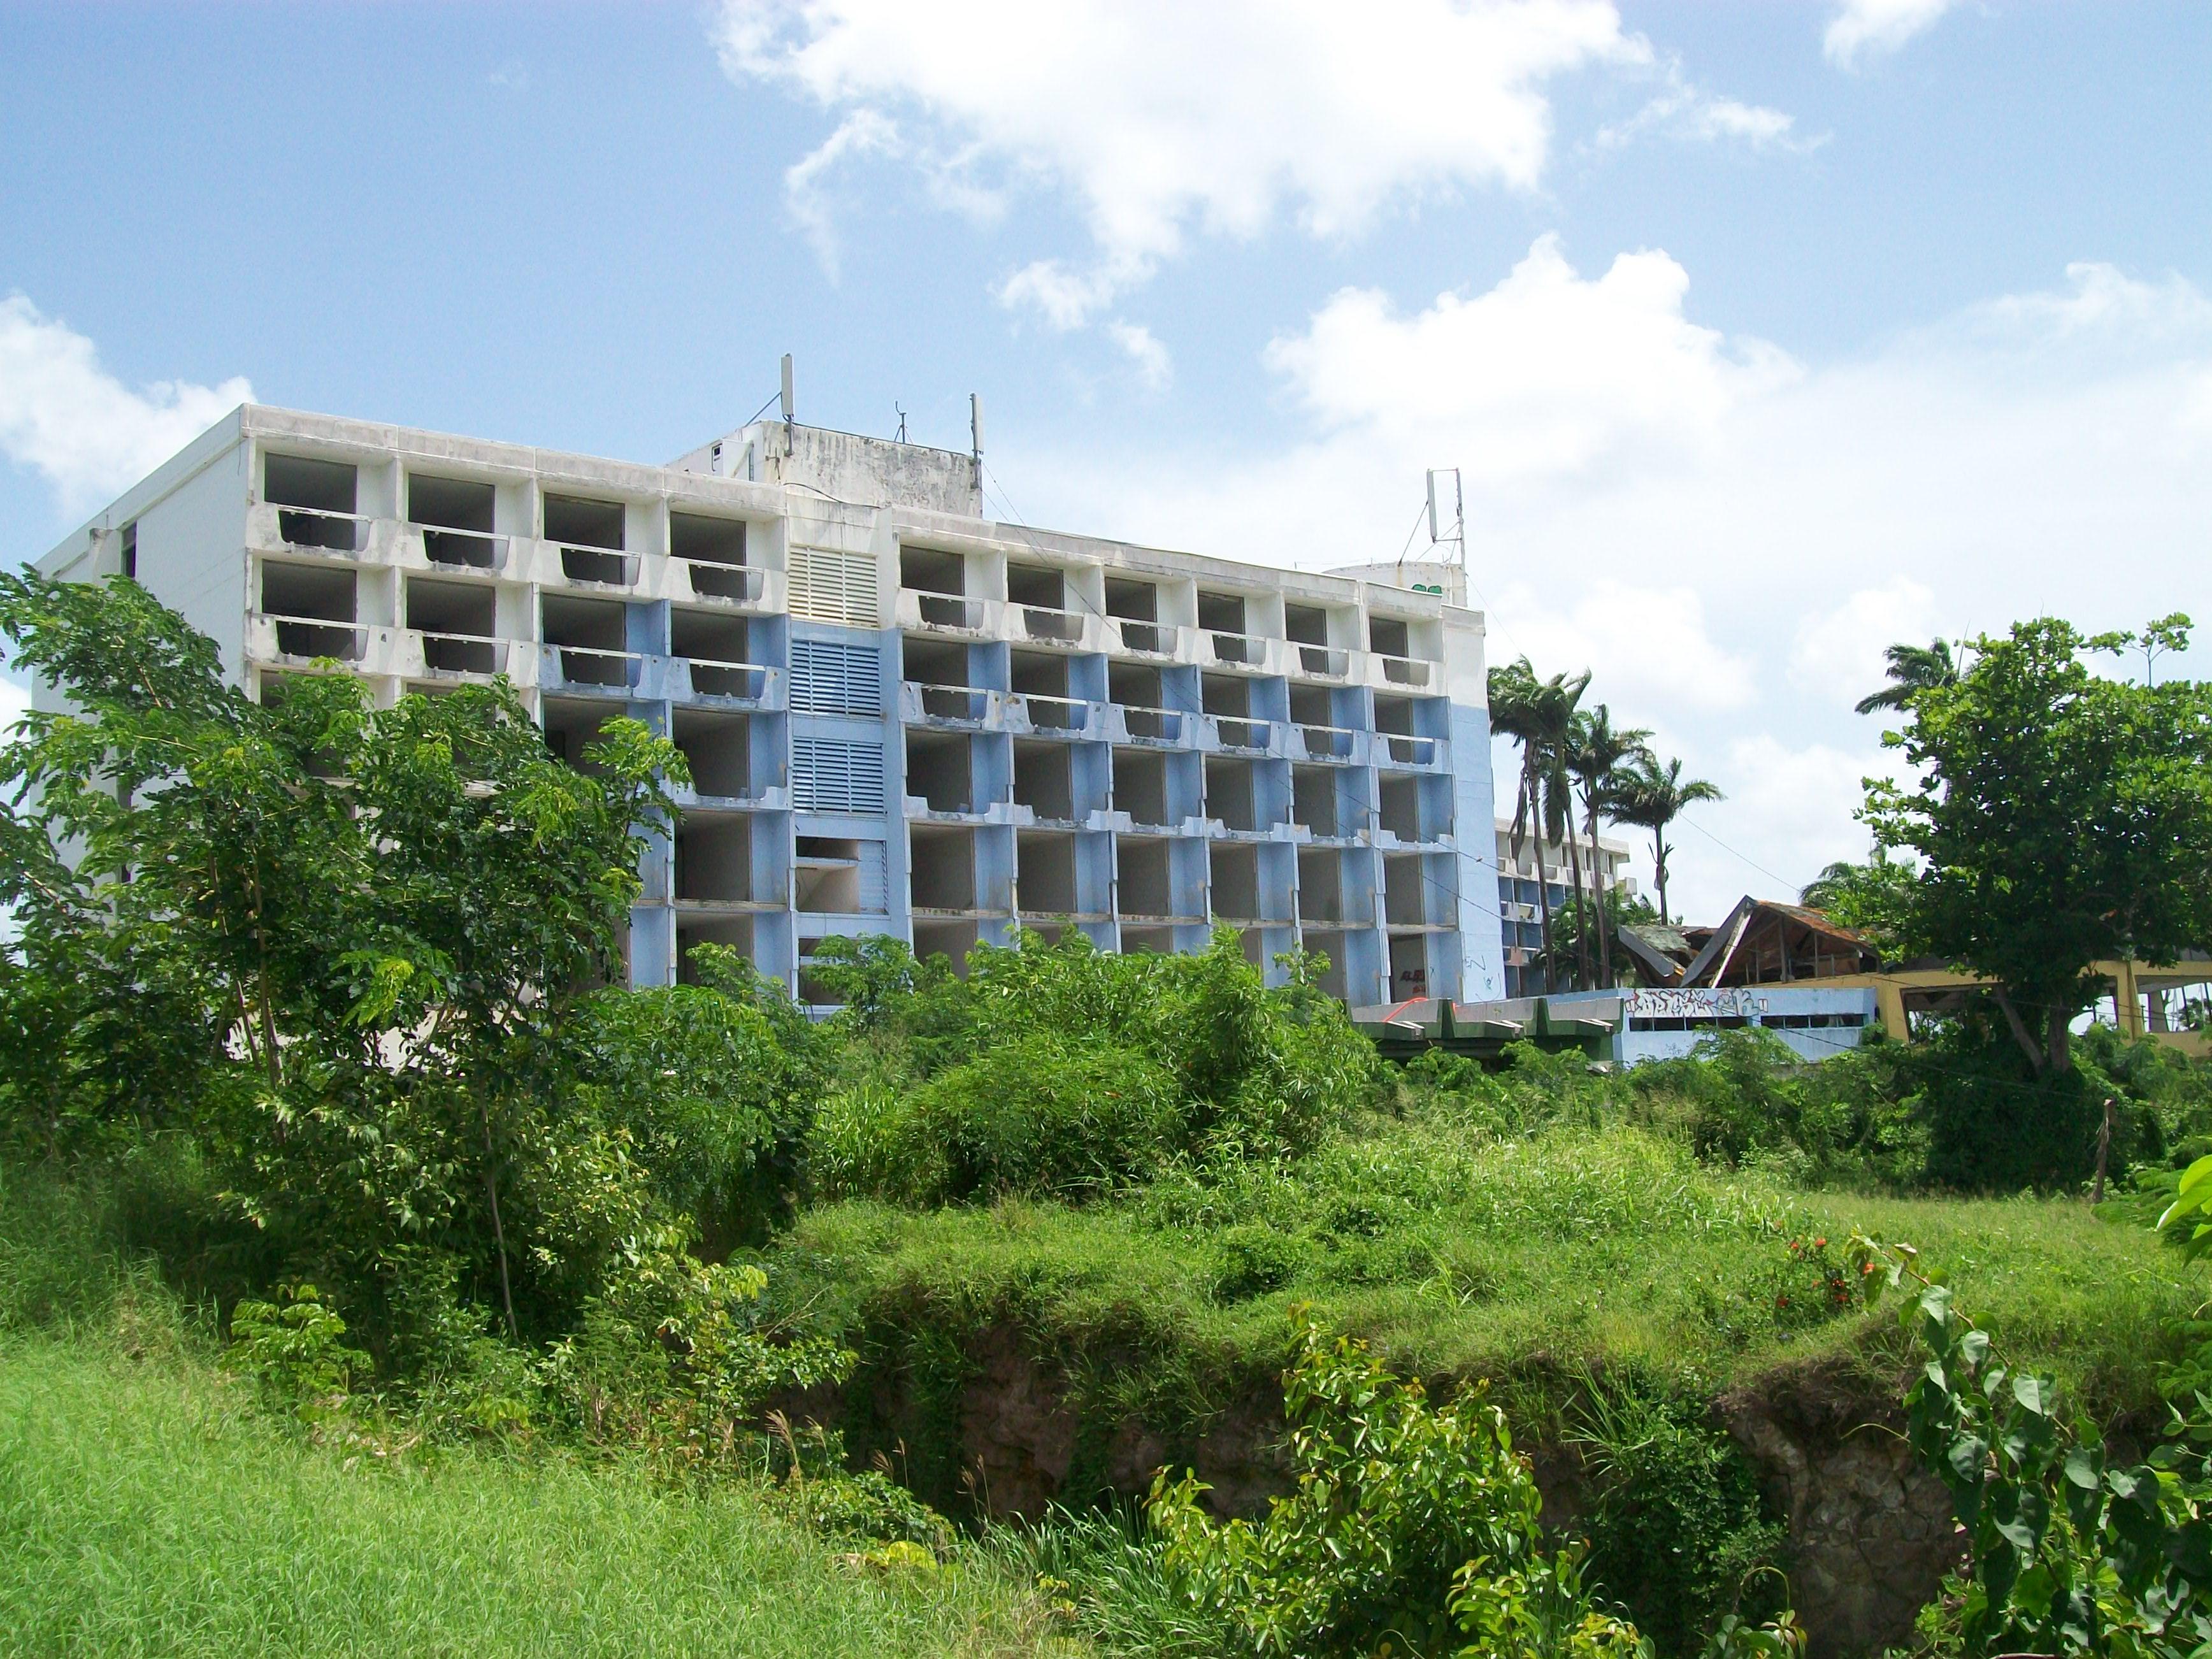 Une aide pour la rénovation des hôtels